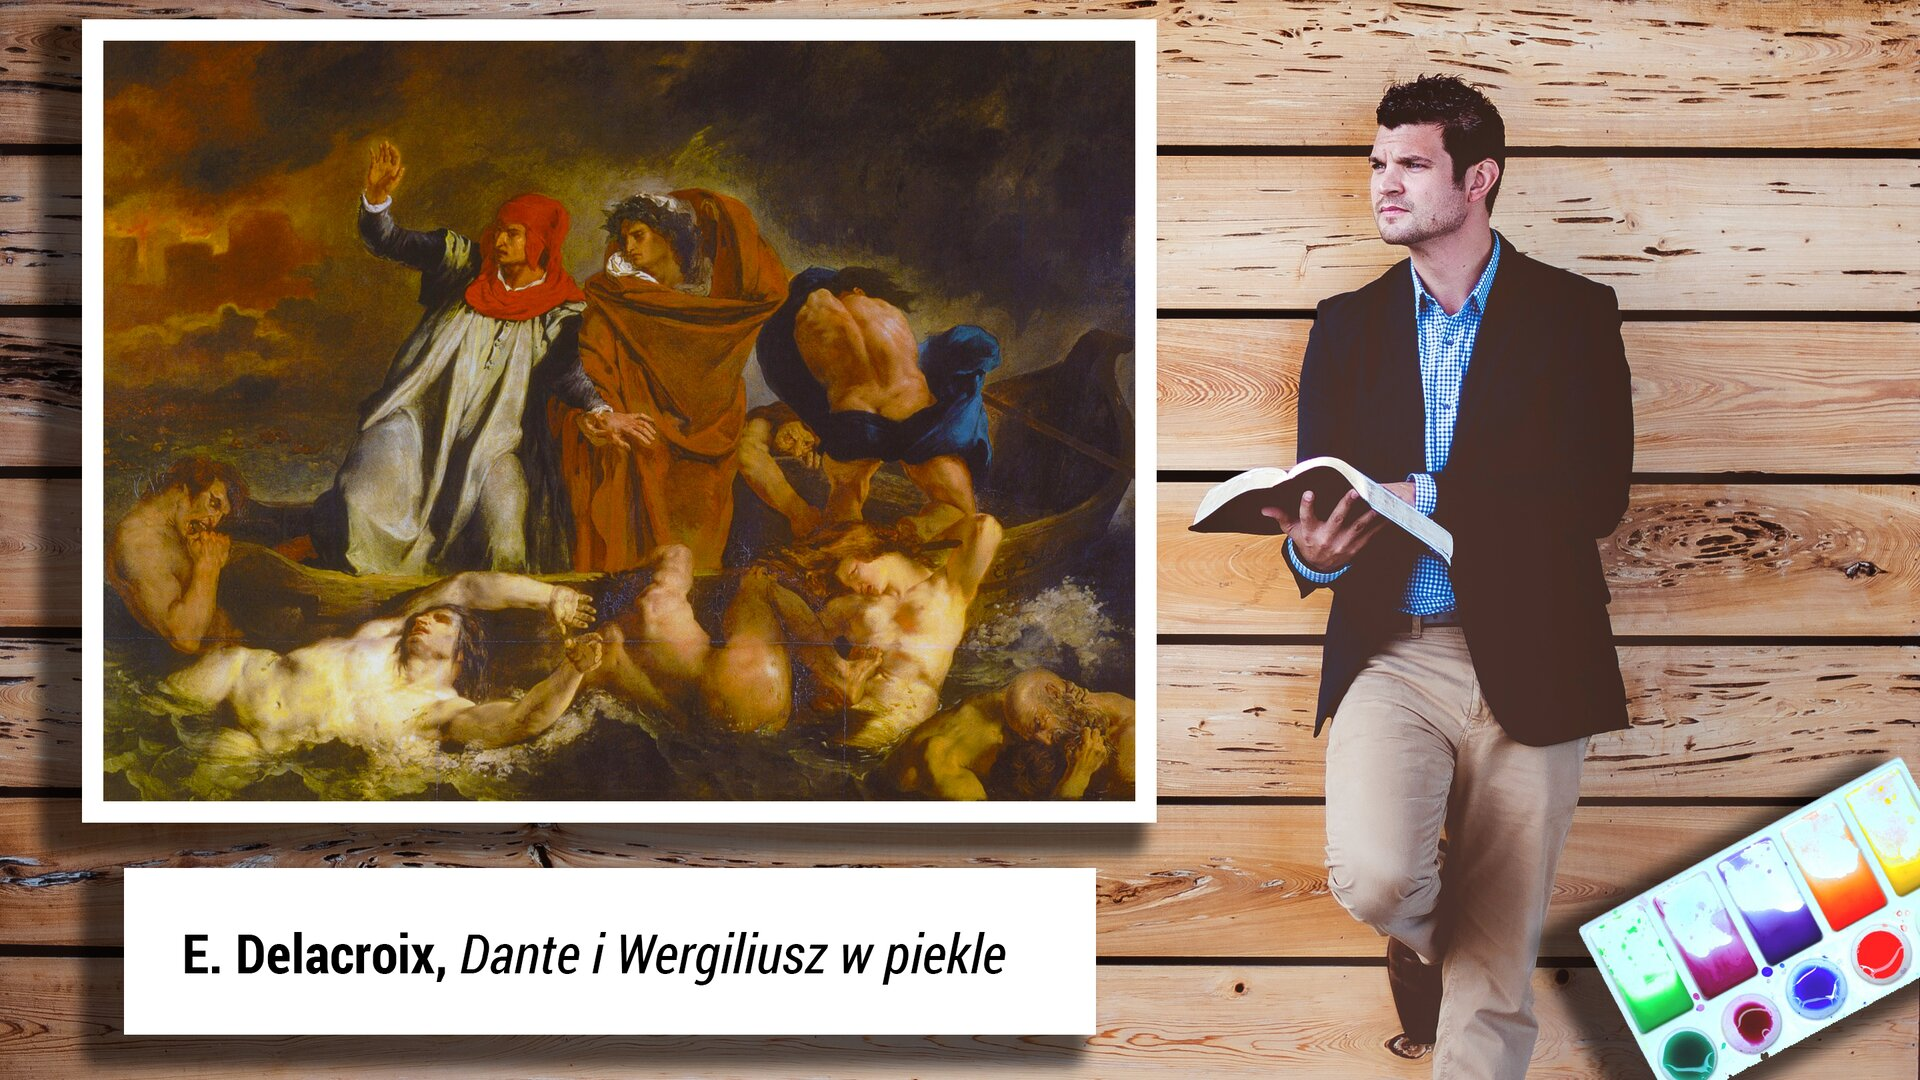 """Ilustrację możemy podzielić na dwa elementy. Pierwszym elementem jest obraz Eugène`a Delacroix pt. """"Dante iWergiliusz wpiekle"""", nazywany także """"Barka Dantego"""". Artysta przedstawił scenę znaną zÓsmej Pieśni Piekła, stanowiącą część """"Boskiej komedii"""" Dantego Alighieri. Przez wzburzone wody Styksu niewielką łodzią prowadzoną przez Flegiasa przeprawiają się Dante ijego przewodnik, Wergiliusz. Scena jest bardzo dynamiczna, niewielka łódź unosi się na wzburzonych wodach wśród kłębiących się ciał potępieńców. Wieje silny wiatr, woddali widać płonące miasto, niebo jest ołowiane, ahoryzont spowity dymem. Odziany wstalową opończę zczerwonym kapturem, Dante zniepokojem unosi prawą rękę, podtrzymuje go ubrany wbrązową szatę spokojny Wergiliusz. Po prawej stronie natomiast znajduje się mężczyzna ubrany elegancko. Ma na sobie koszulę imarynarkę. Wręku trzyma otwartą książkę. Jest zamyślony. Wprawym dolnym rogu ilustracji widać farby wpięciu kolorach."""